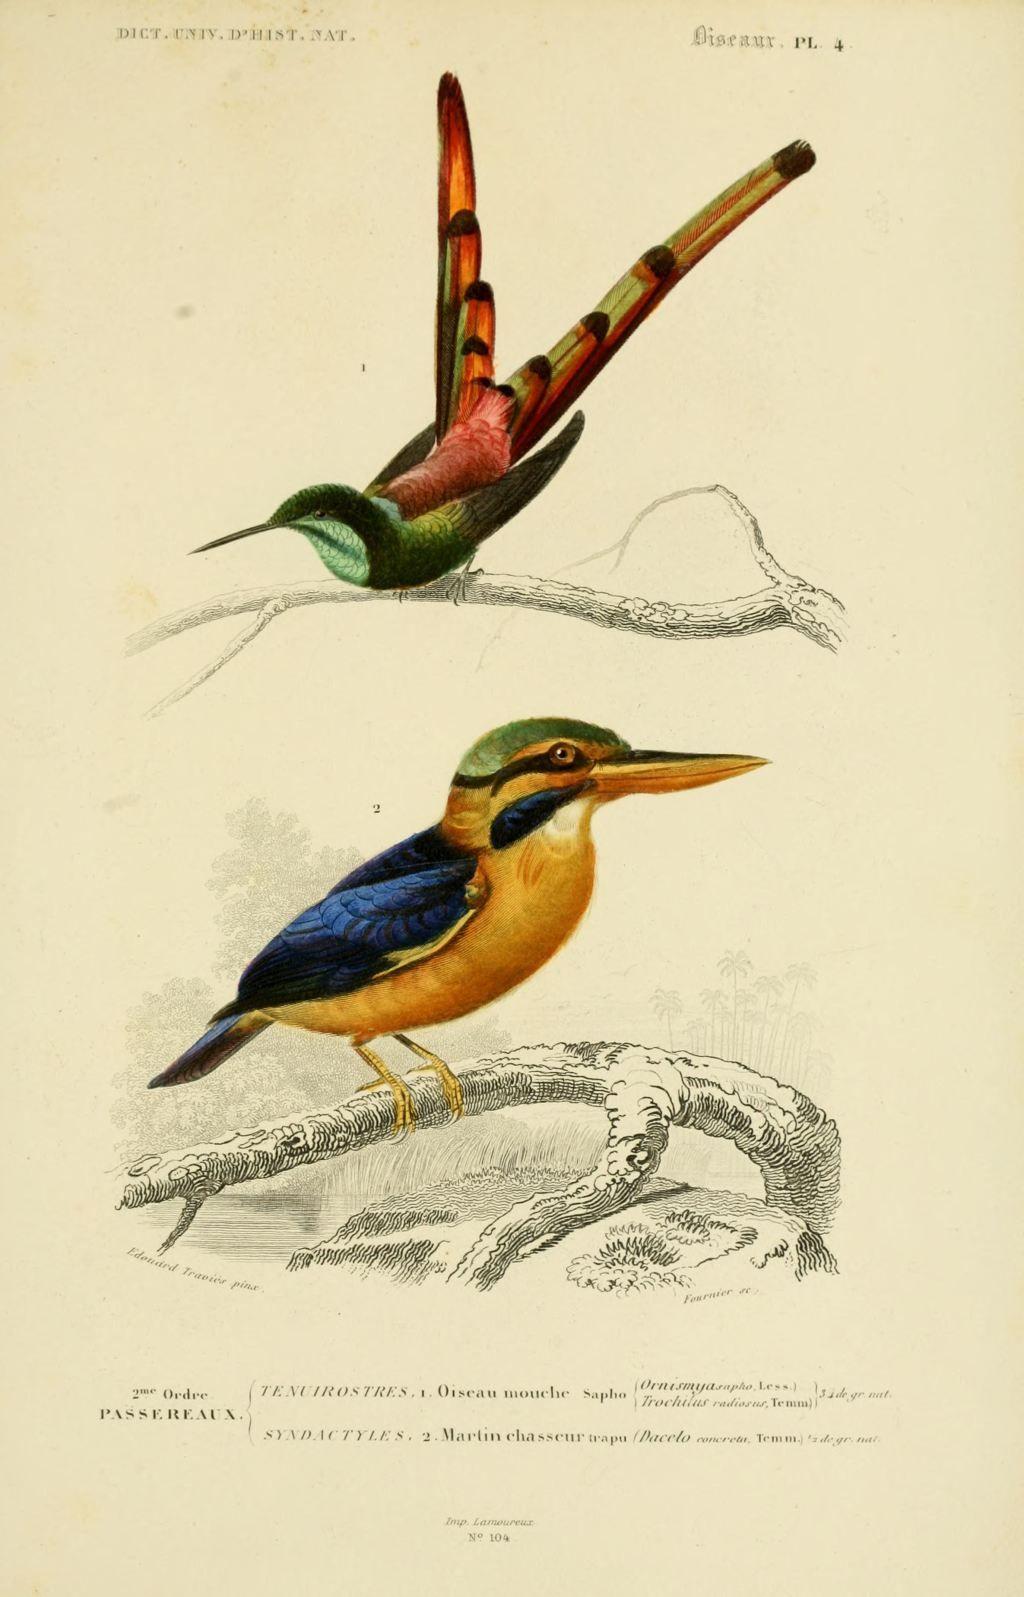 Dessin Oiseau Mouche gravures couleur d'oiseaux - gravure oiseau 0237 oiseau-mouche sapho